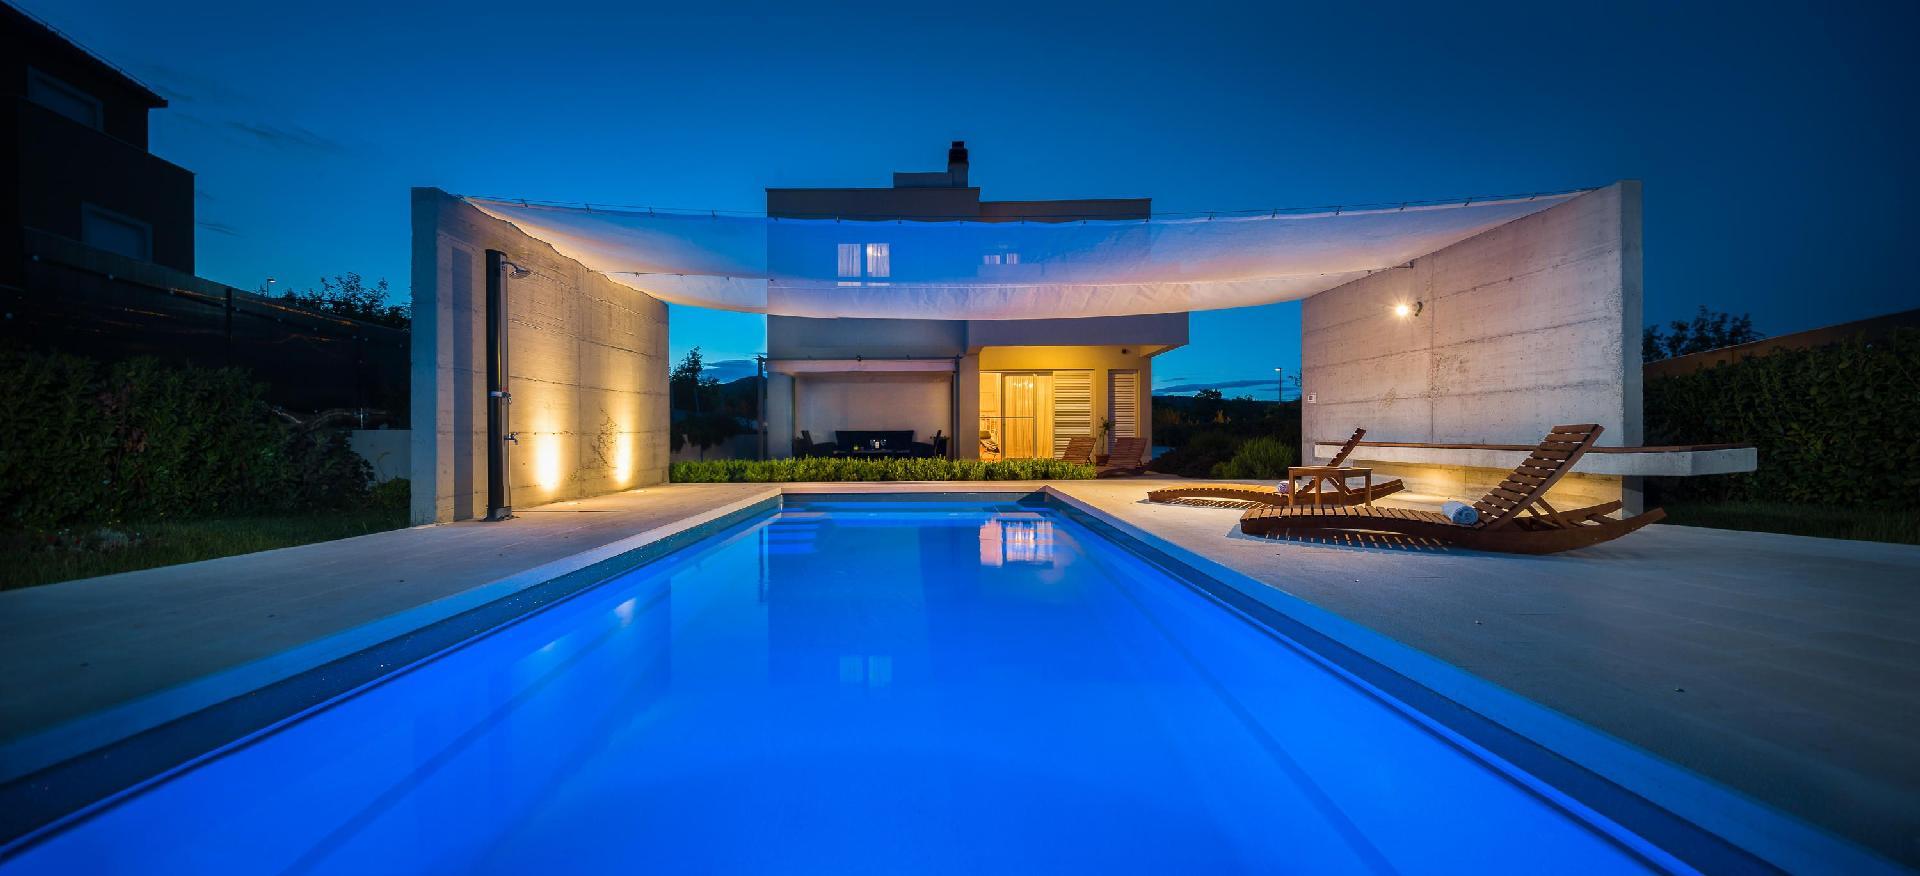 Ferienhaus für 13 Personen ca. 285 m² in  in Kroatien